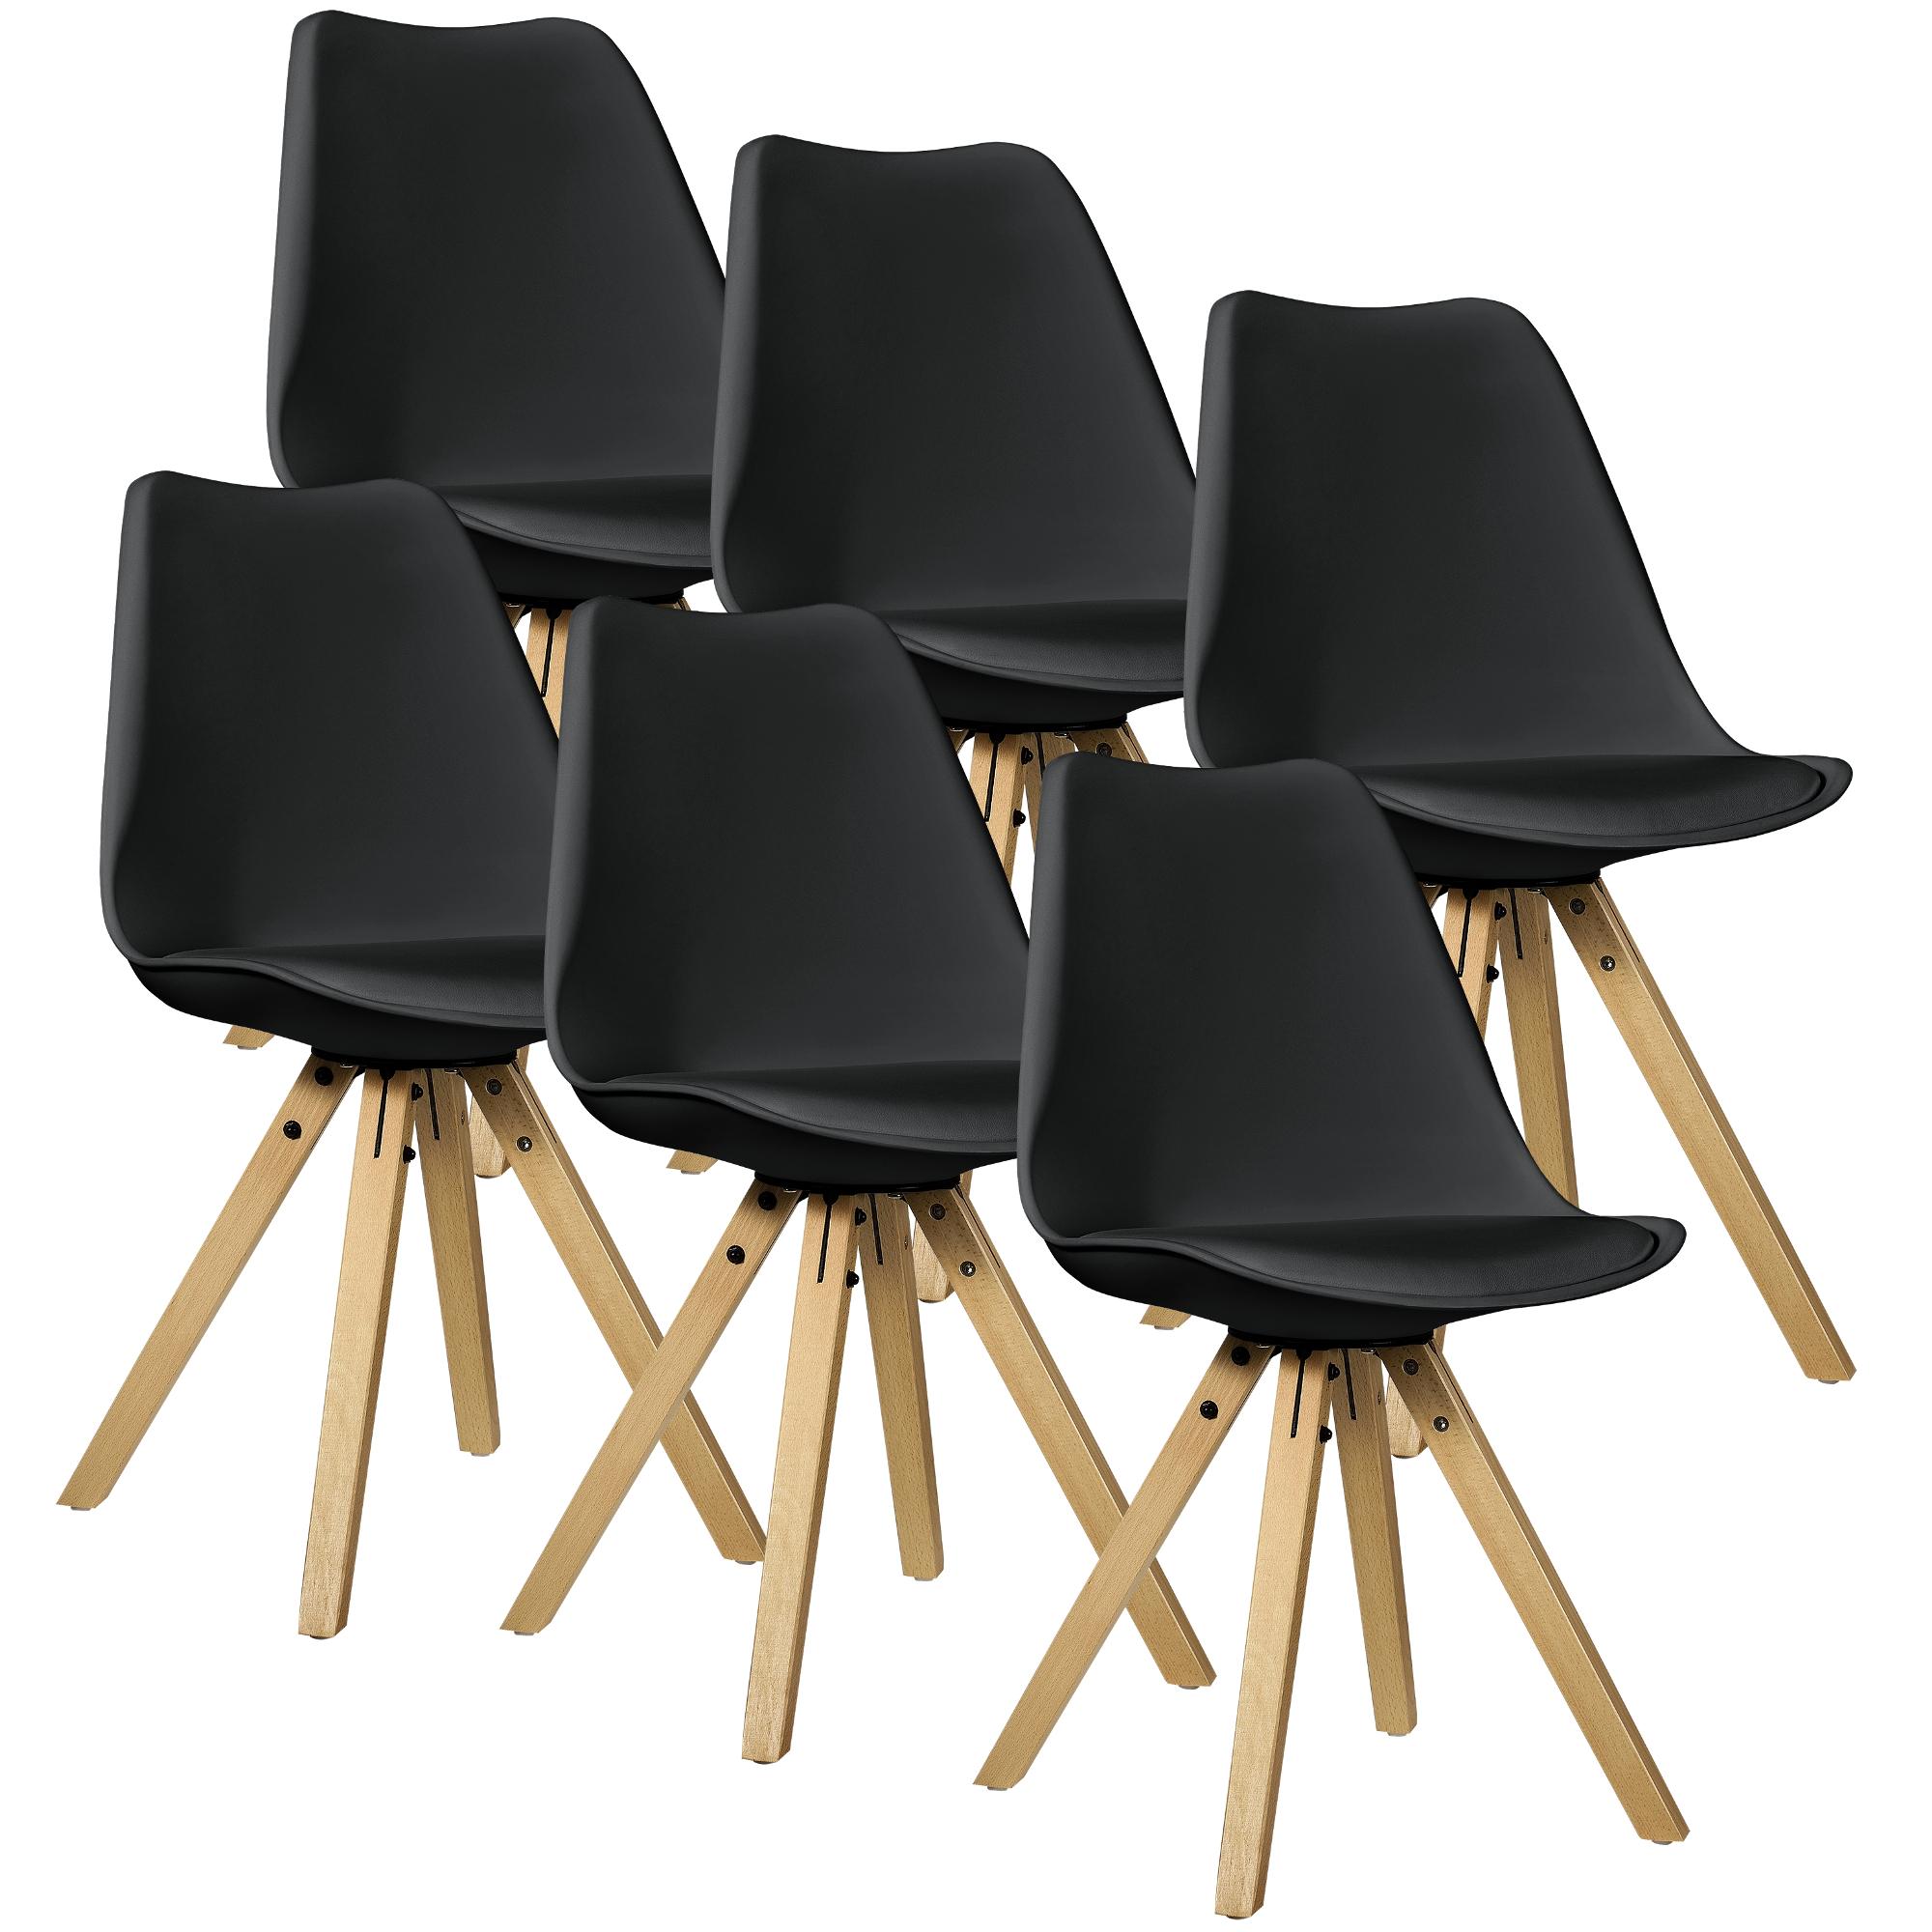 Fantastisch [en.casa] 6x Design Stühle Esszimmer Schwarz Stuhl Holz Plastik Kunst Leder  | EBay